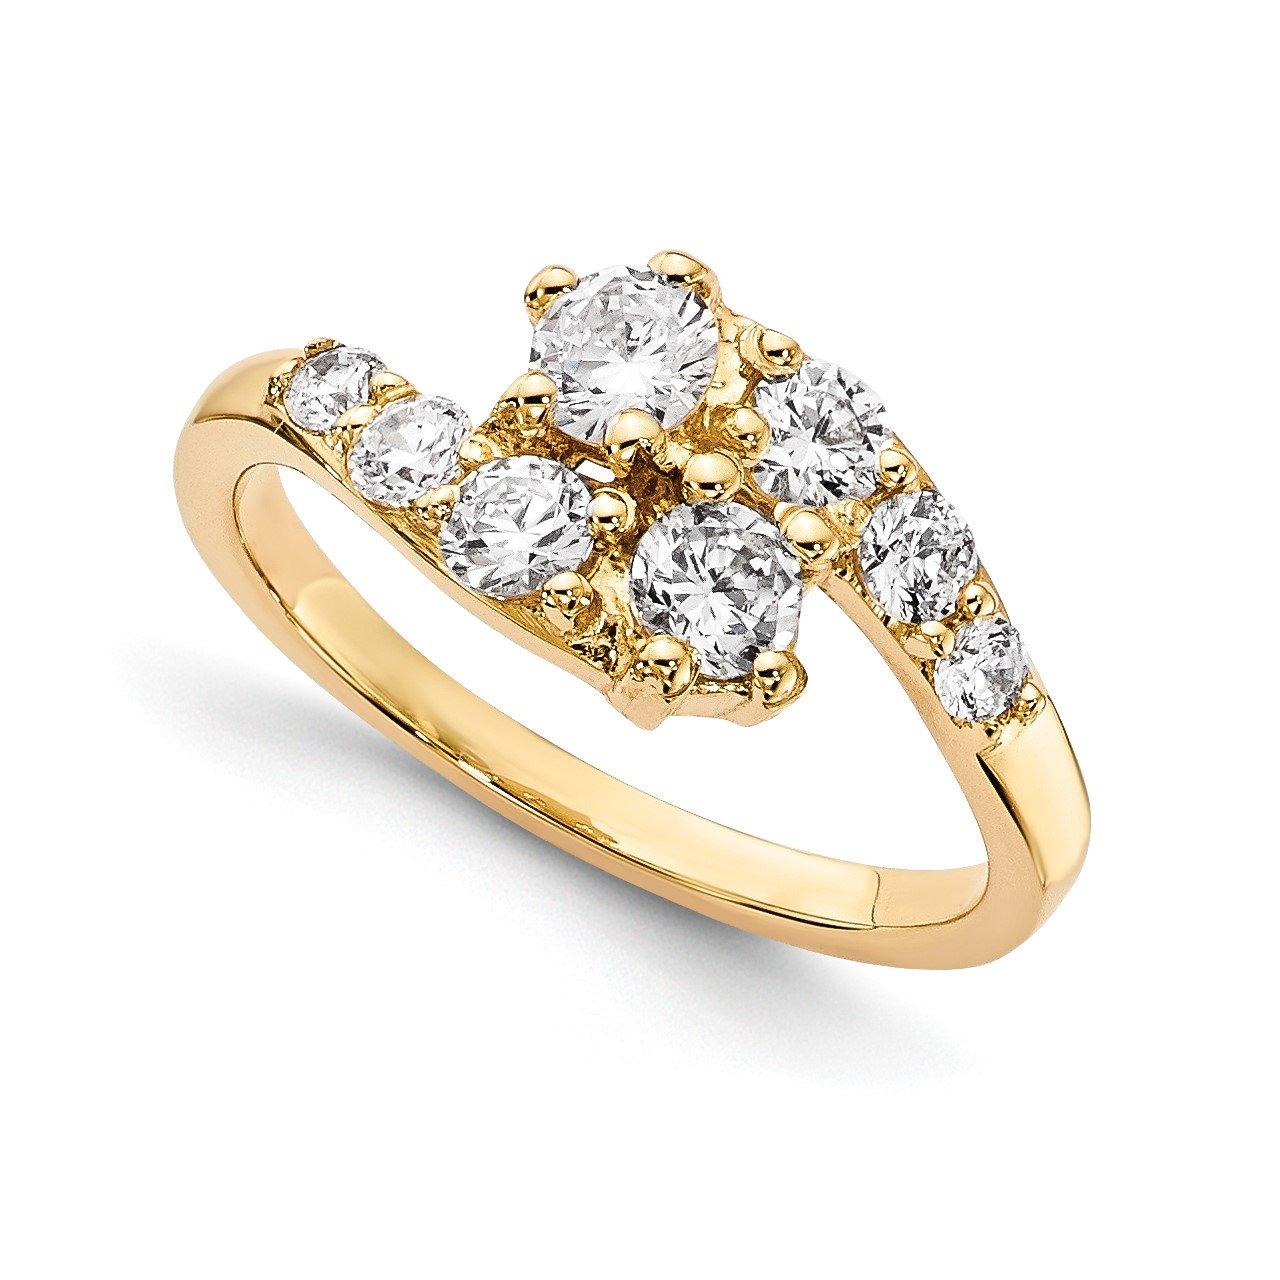 14KY AA Diamond 2-stone Ring Semi-Mount - 4 mm center stones